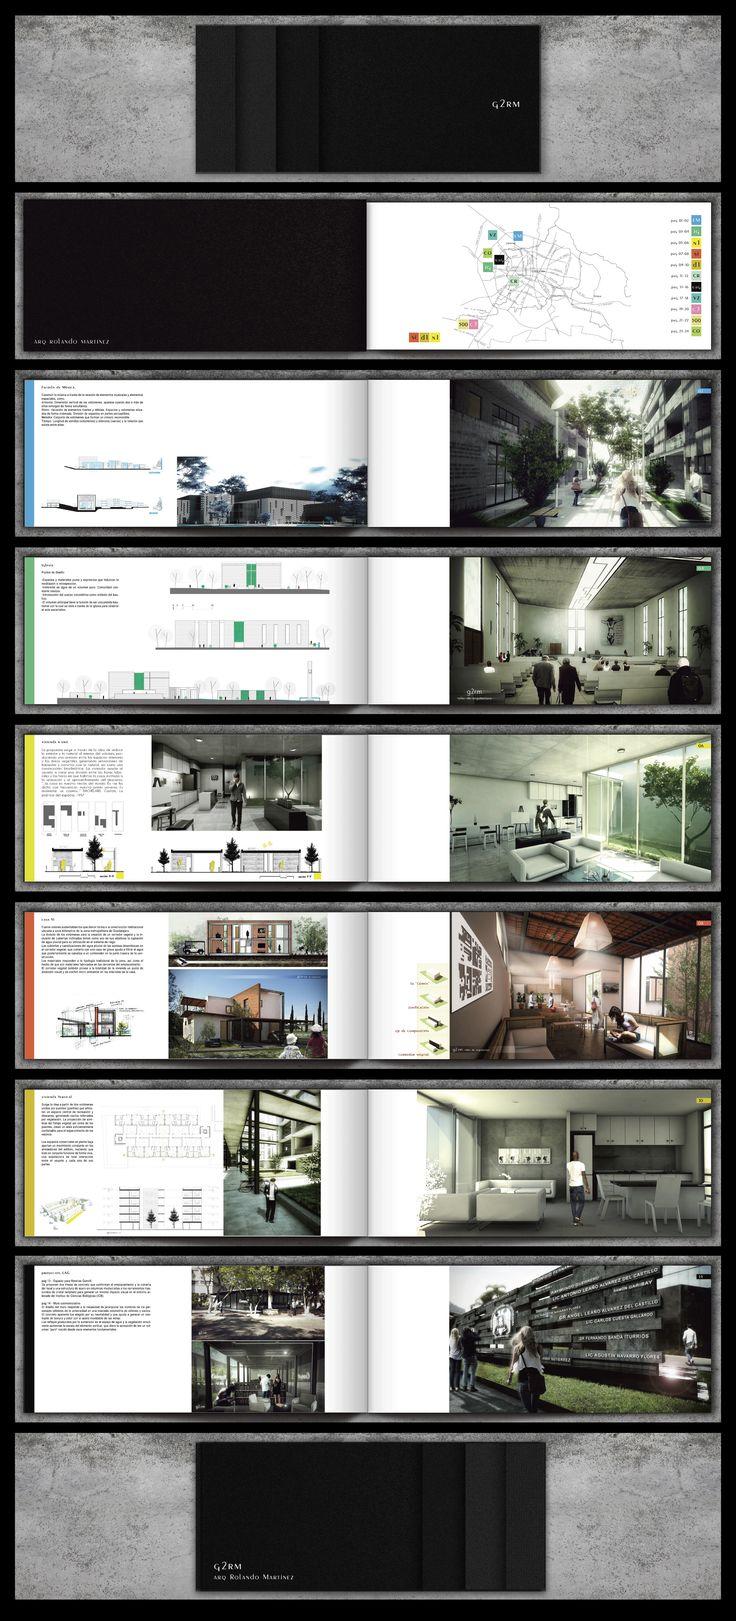 Portafolio Arquitectura G2RM - Portfolio Architecture G2RM